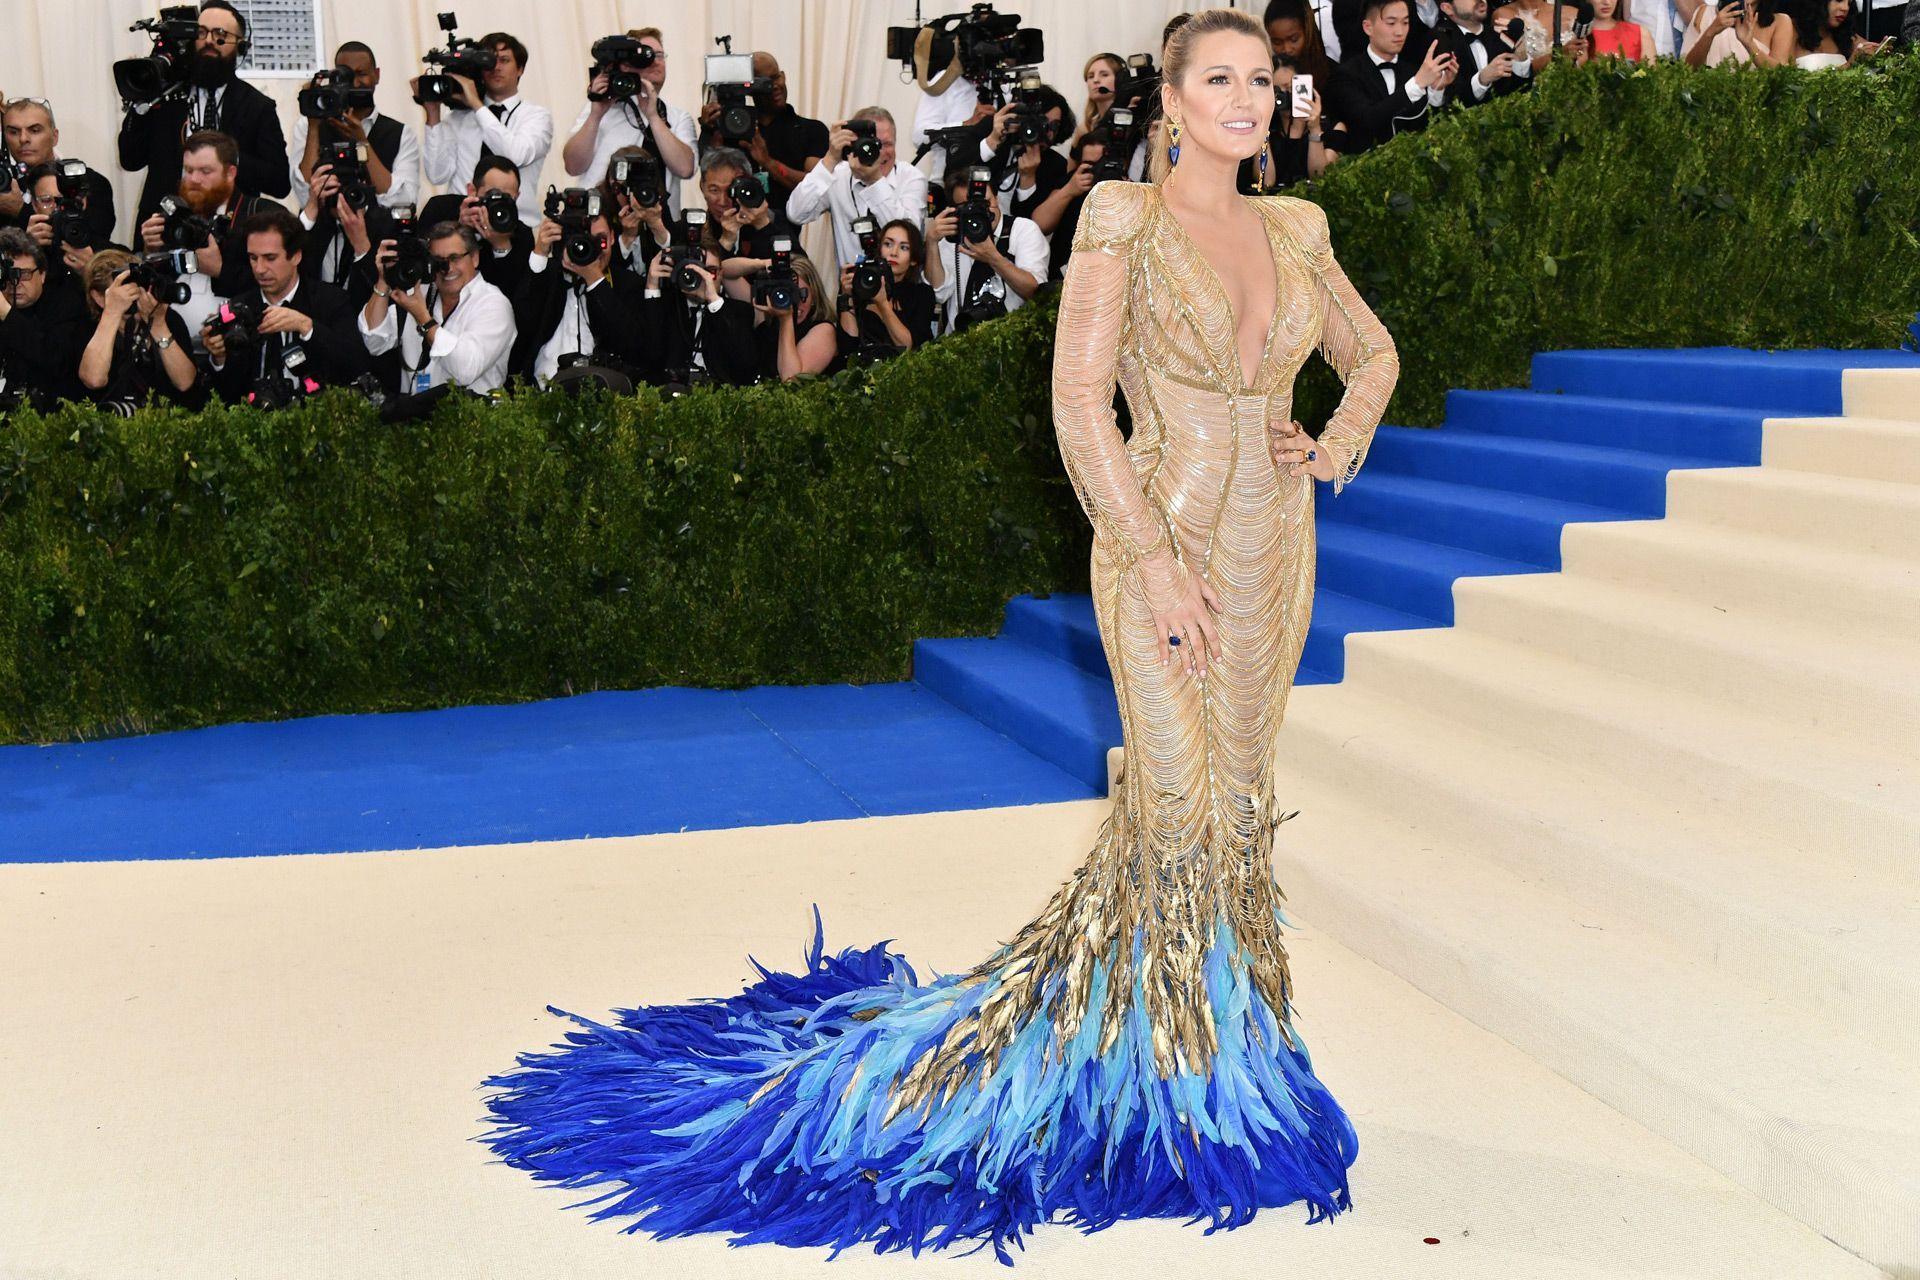 Blake Lively, Vogue, Met Gala 2018, The Met Gala 2018, The Met Gala, Met Gala, Metropolitan Museum of Art